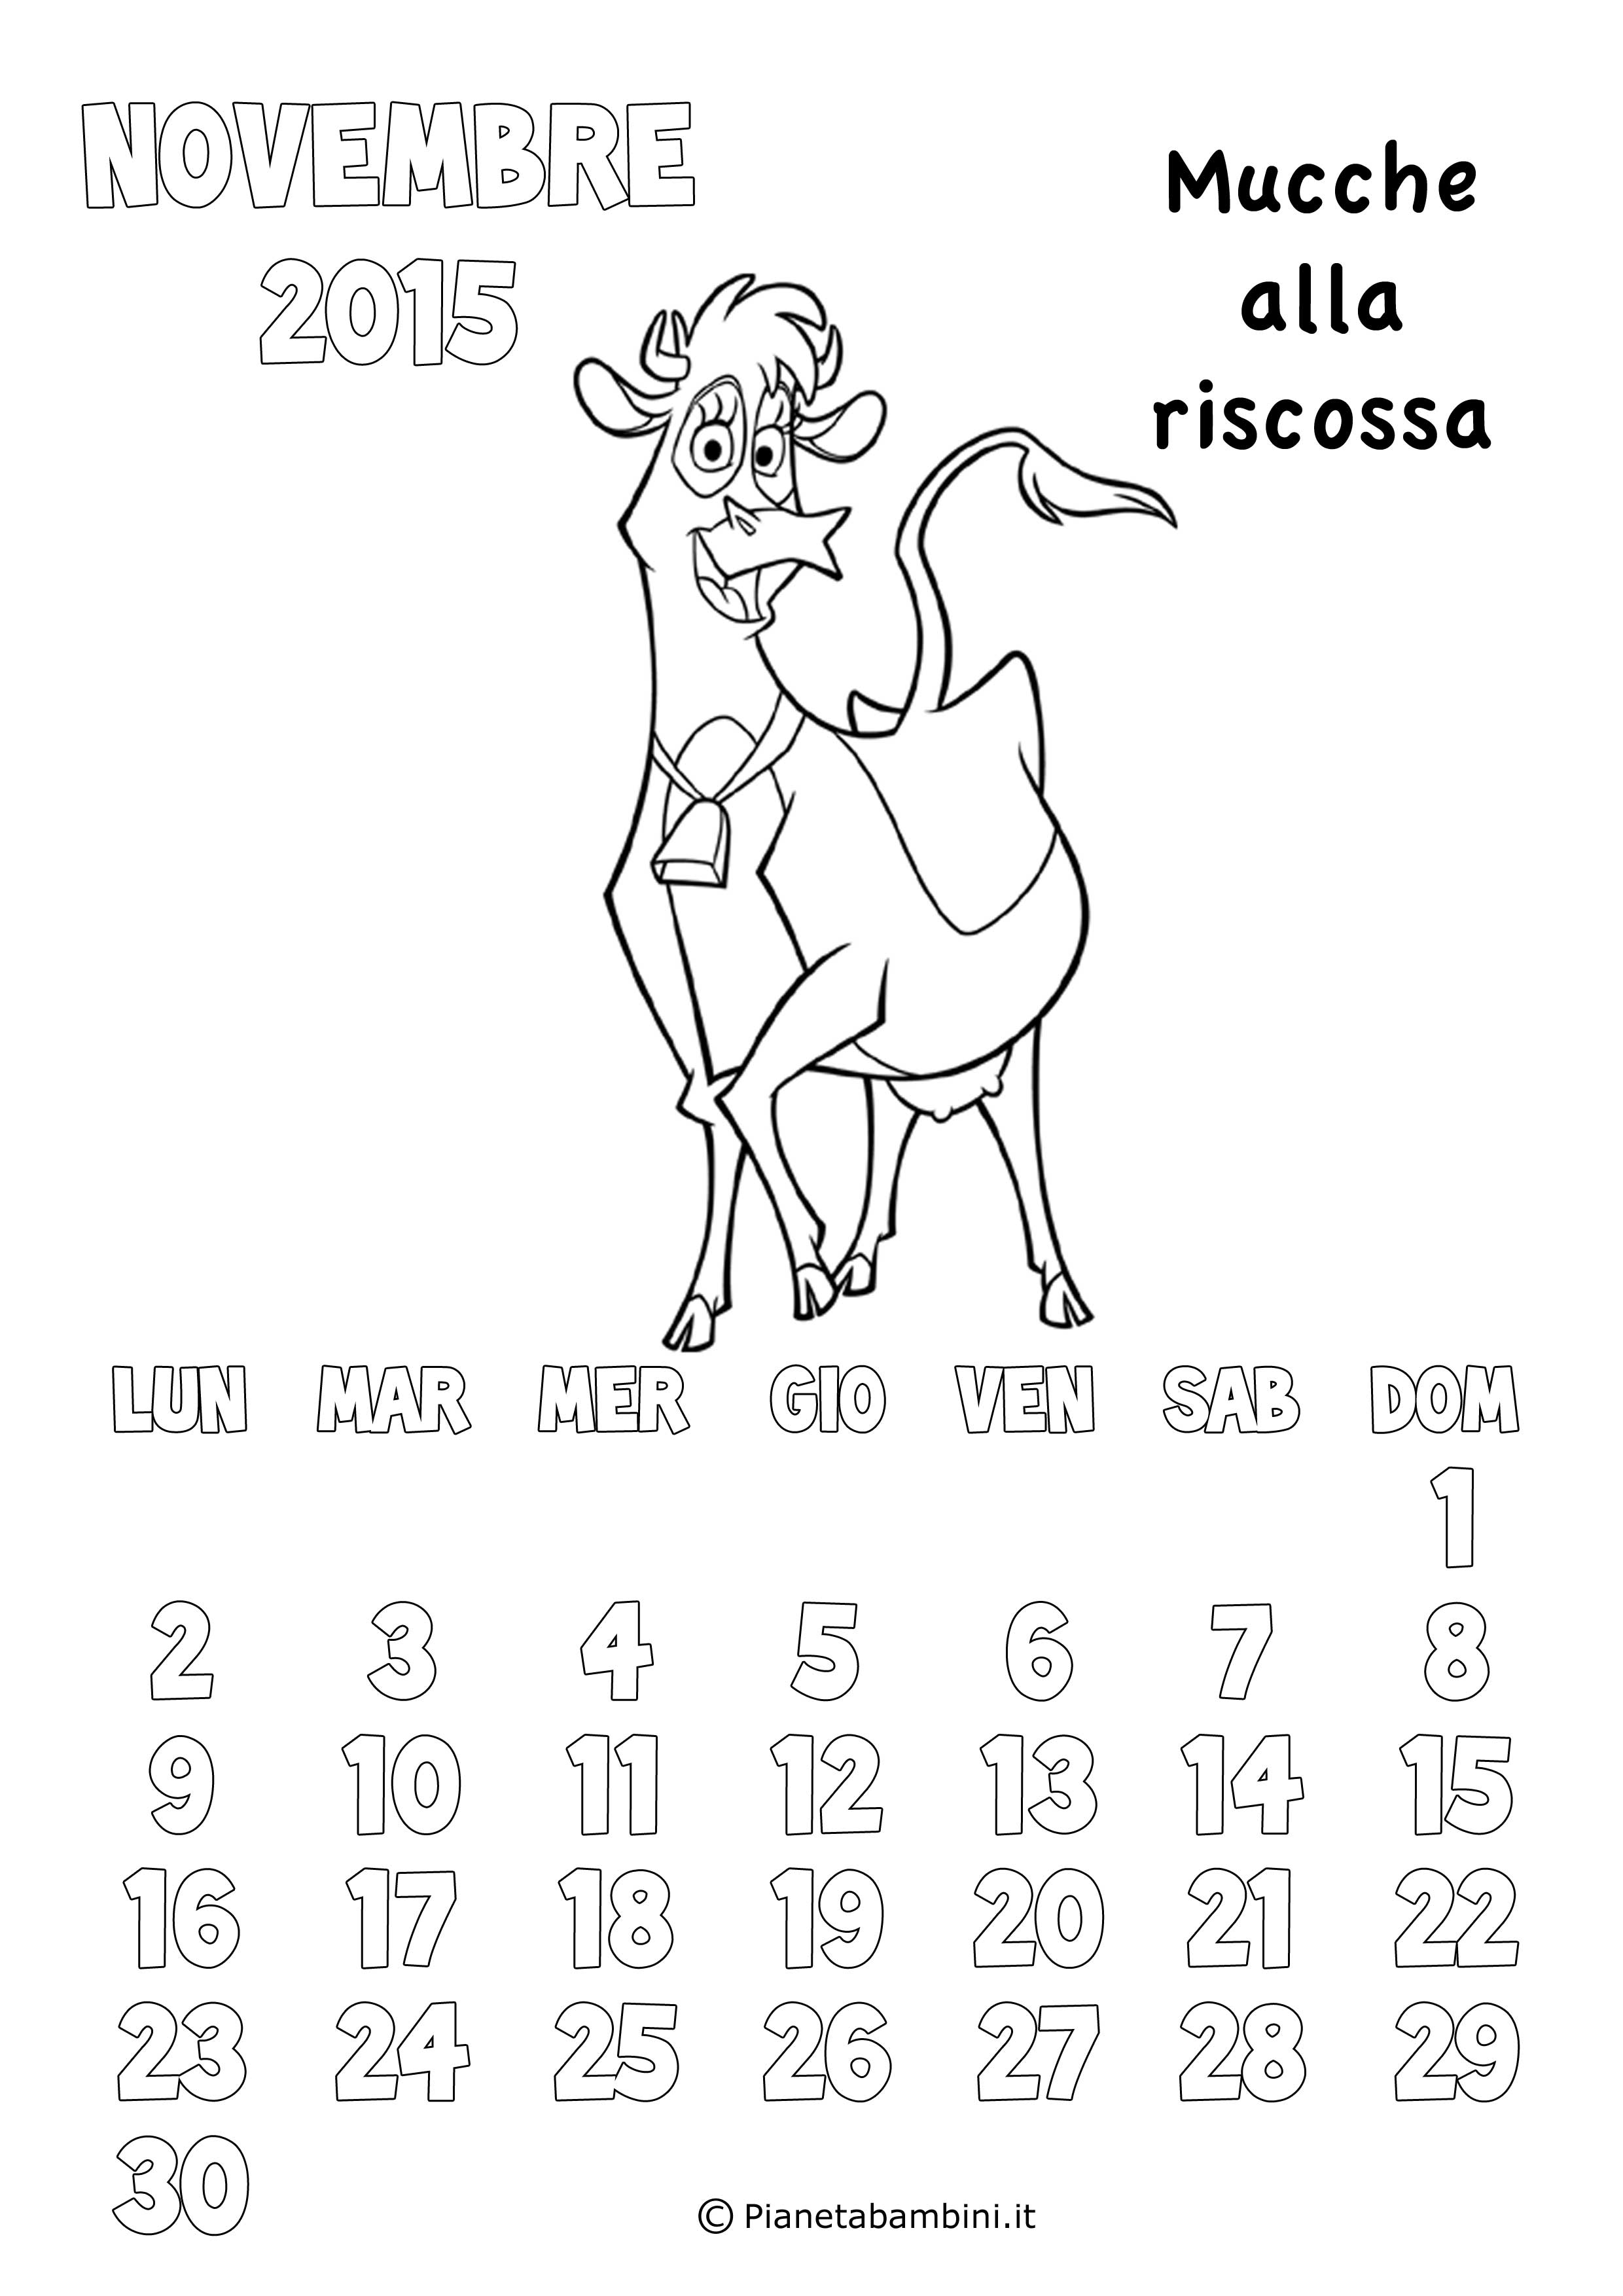 Novembre-2015-Mucche-Riscosse